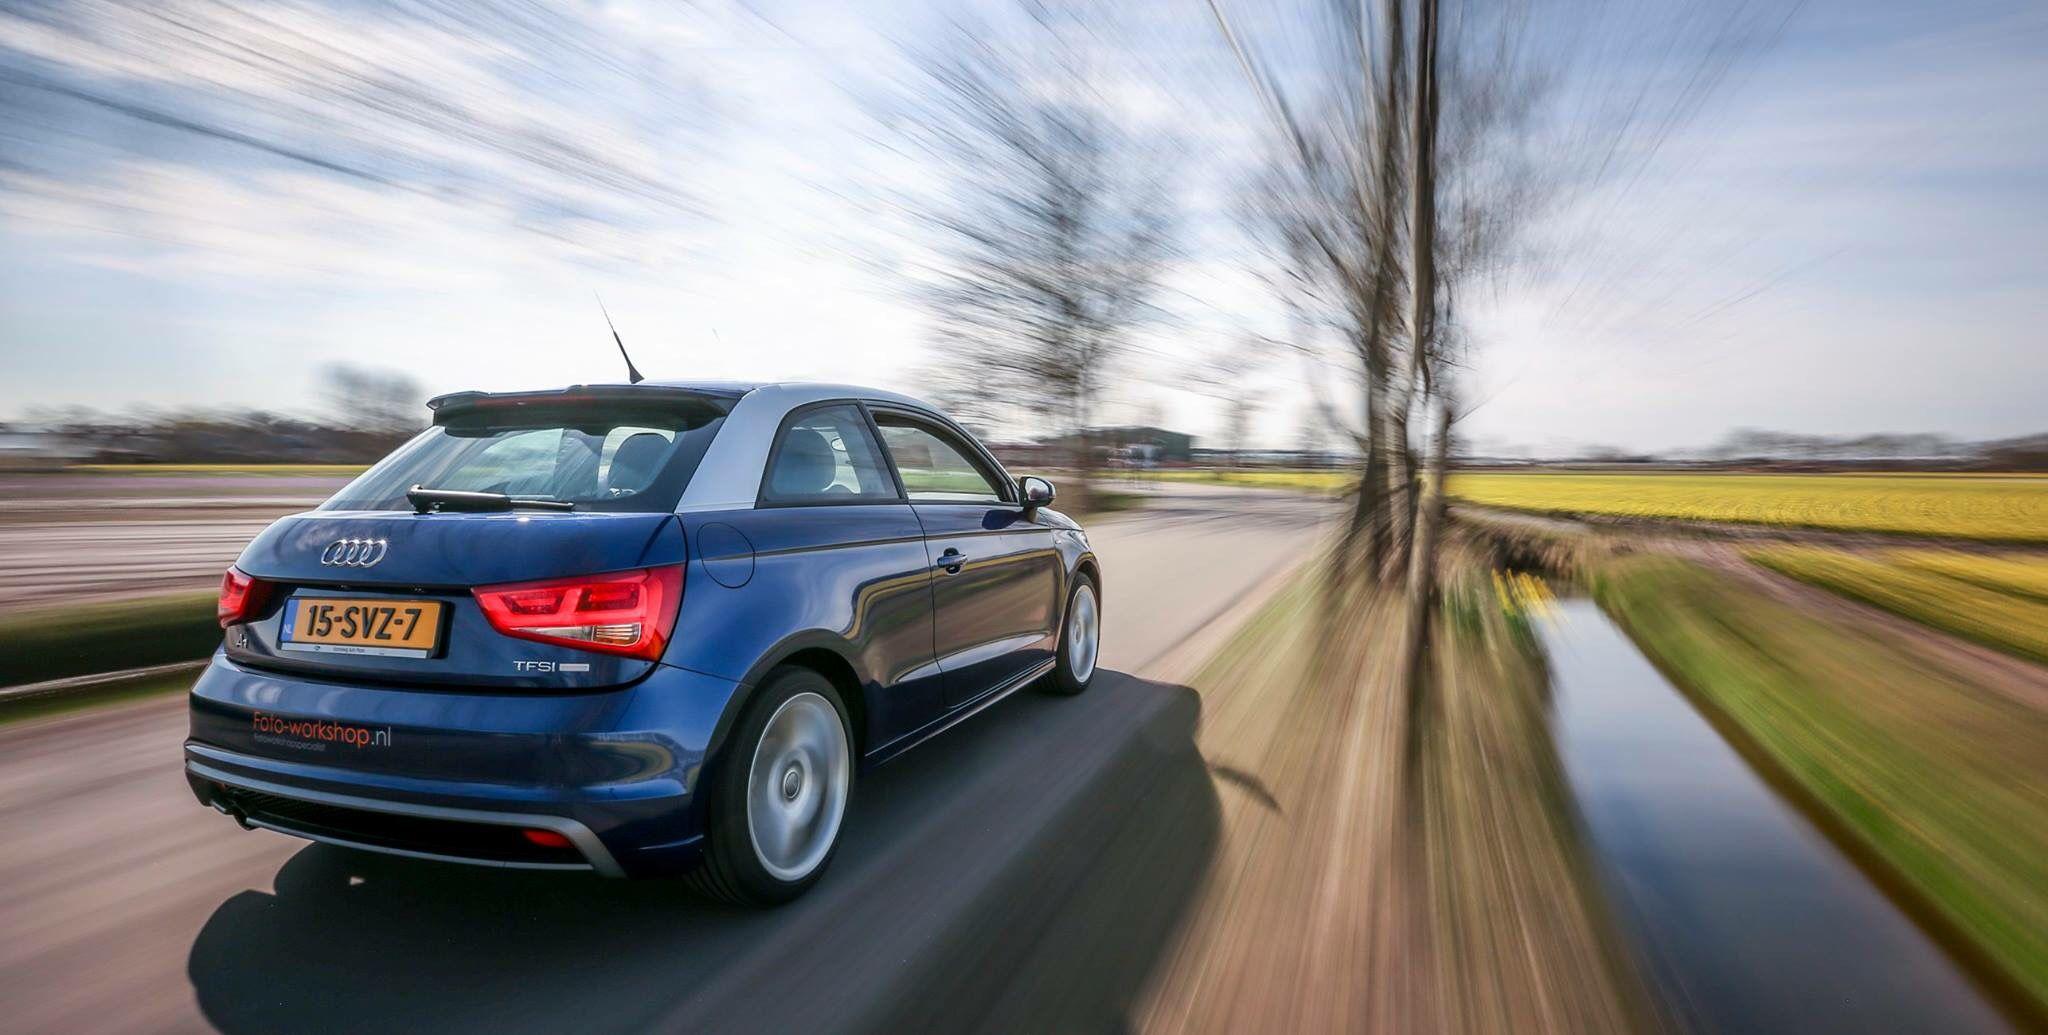 http://www.foto-workshop.nl/workshops/auto-fotografie- nieuwe workshop auto fotografie staat online. #Audi #BMW #Porsche